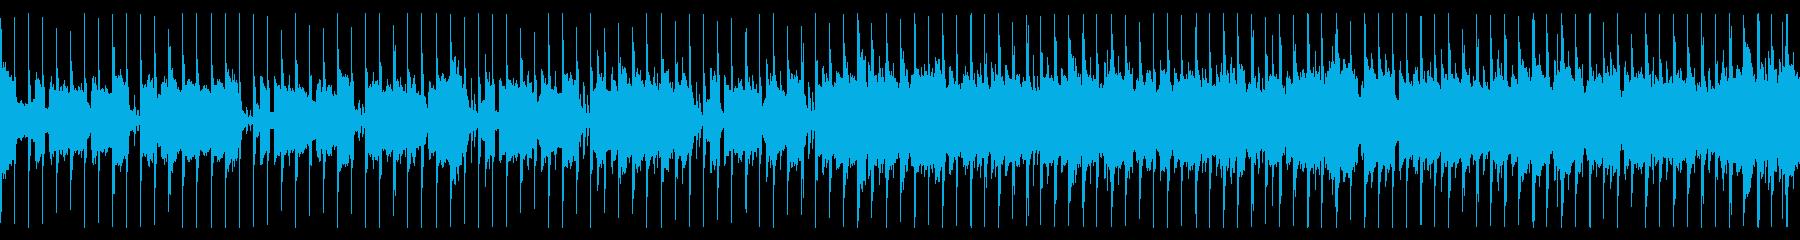 軽快で爽やかなハウスミュージックの再生済みの波形